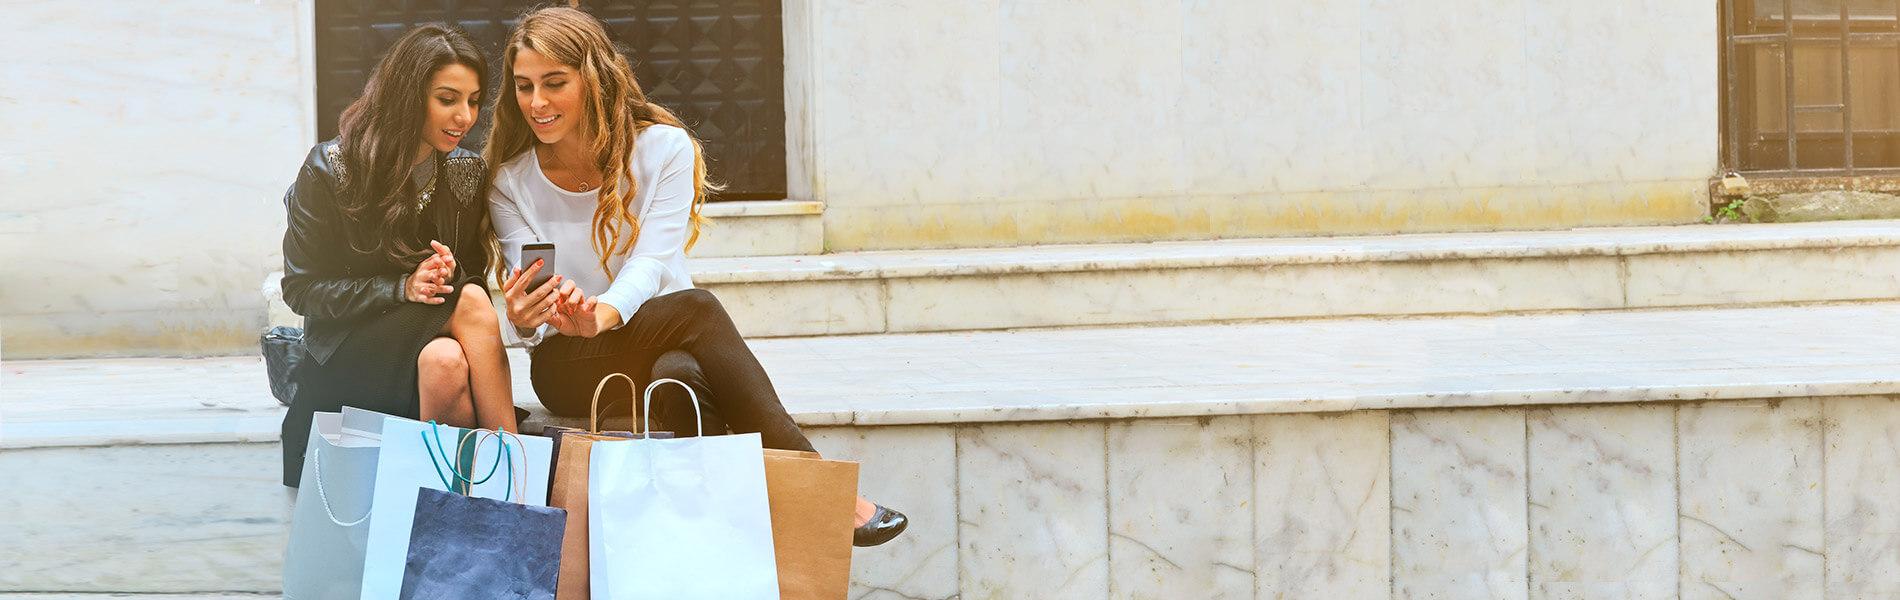 Shopping Slider